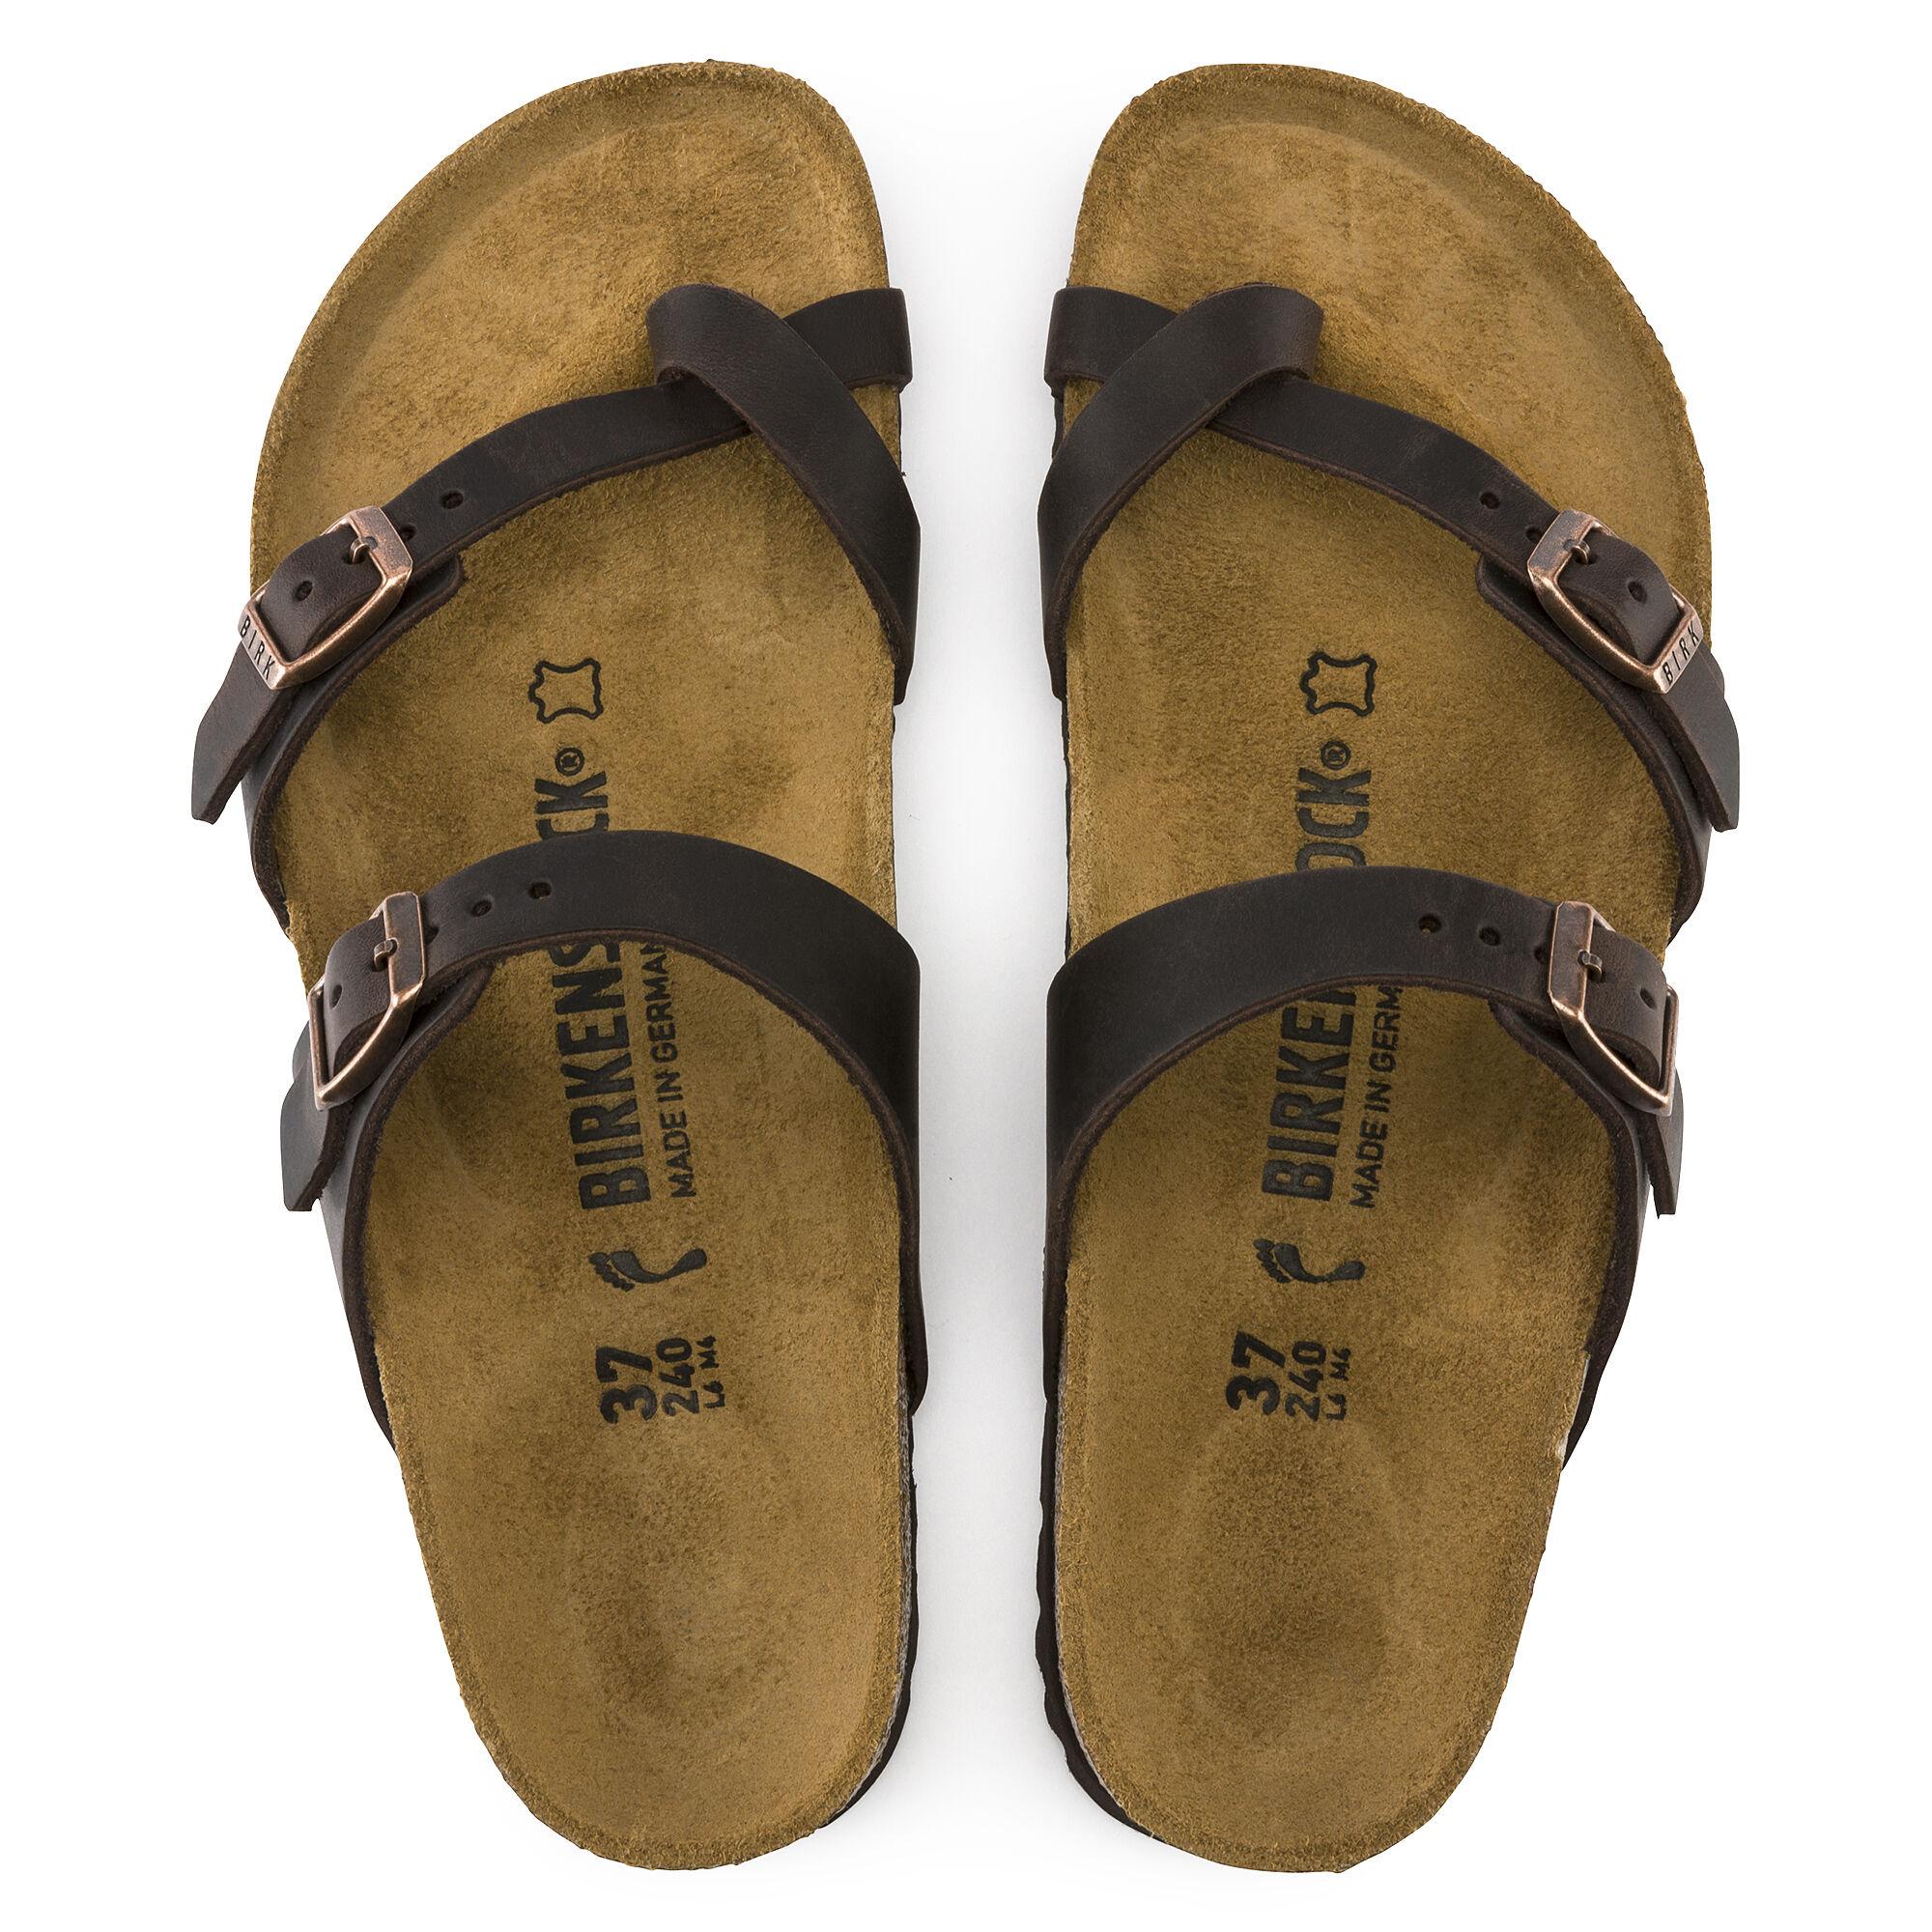 Birkenstock Mayari habana brown leather size 41